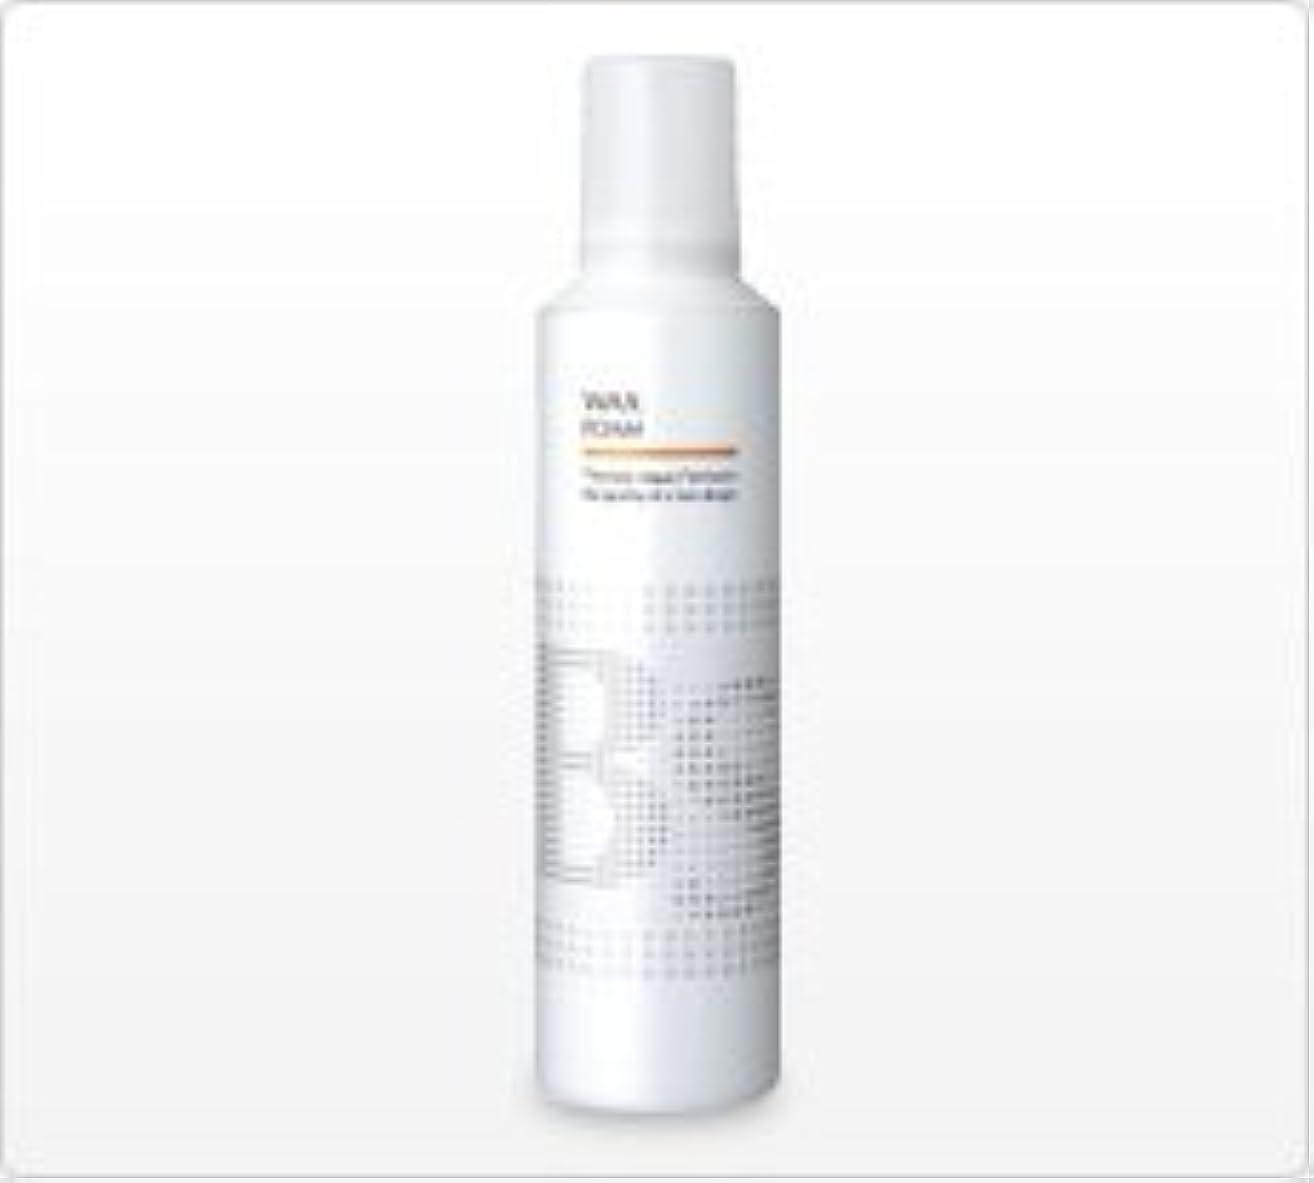 影響力のある変動する専制アリミノ BSスタイリング ワックス フォーム230g スタイリング剤 ムース